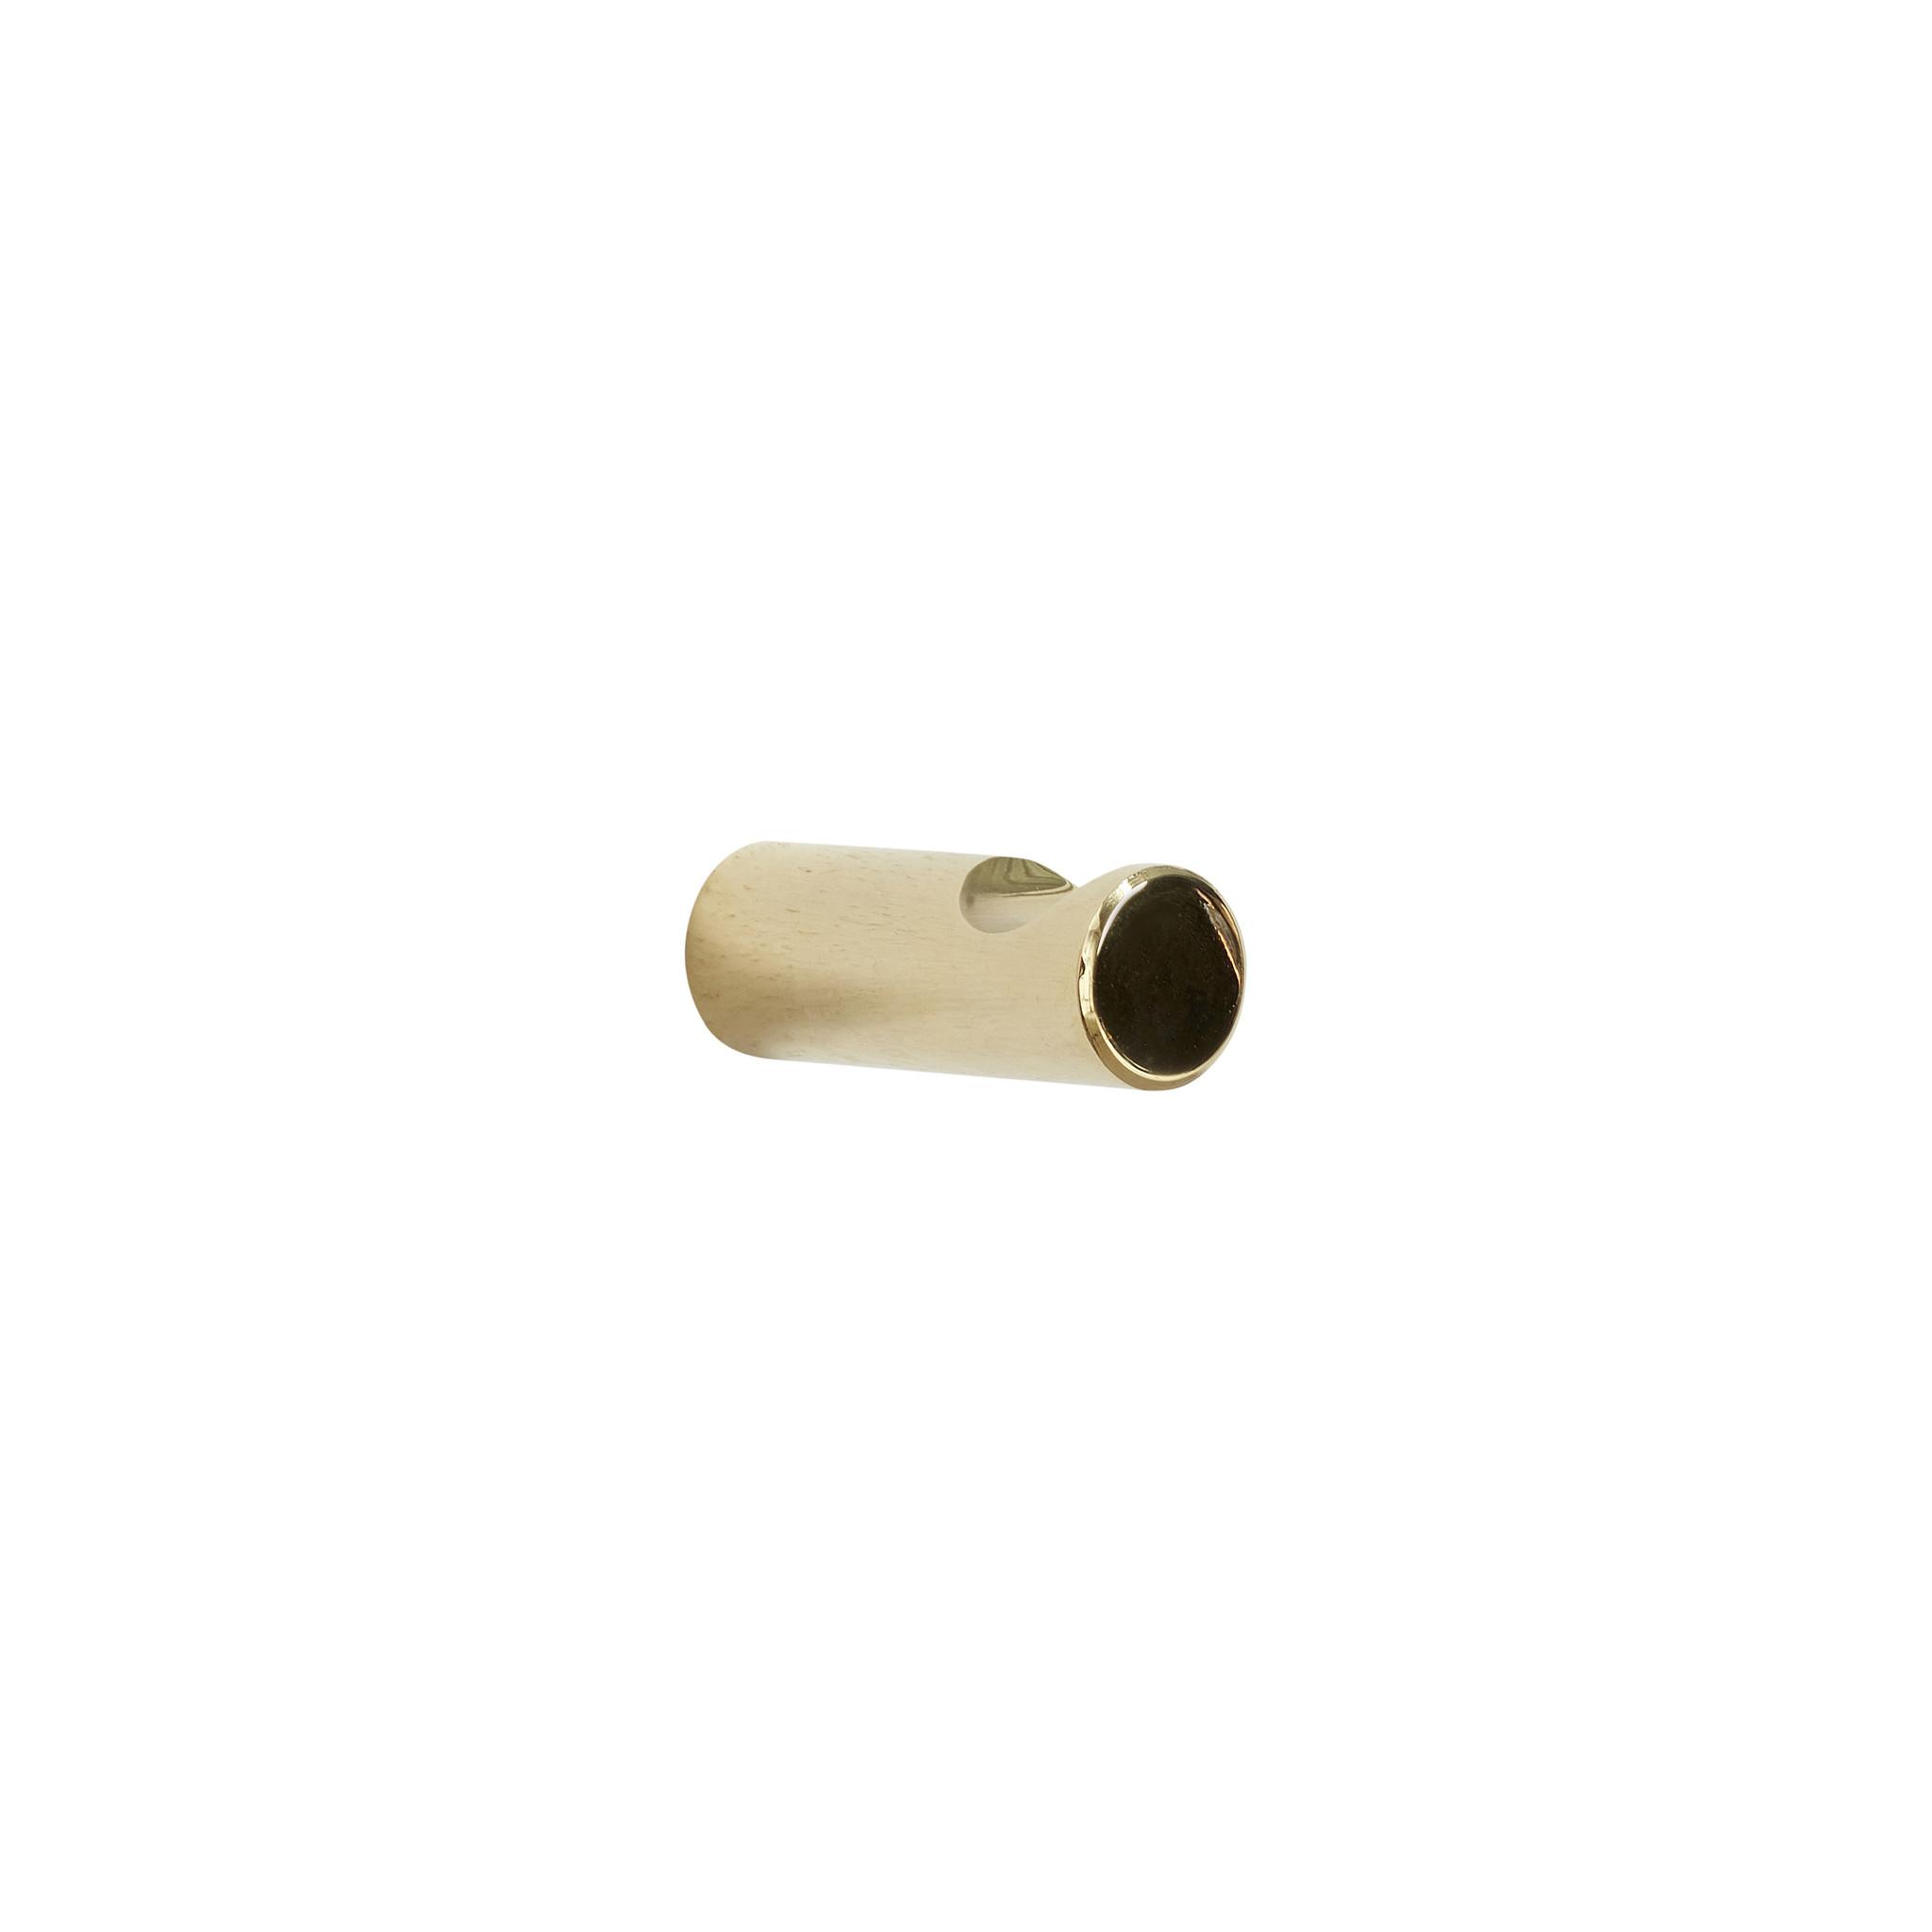 Hubsch Kapstokhaak goud, set van 2-880699-5712772065112